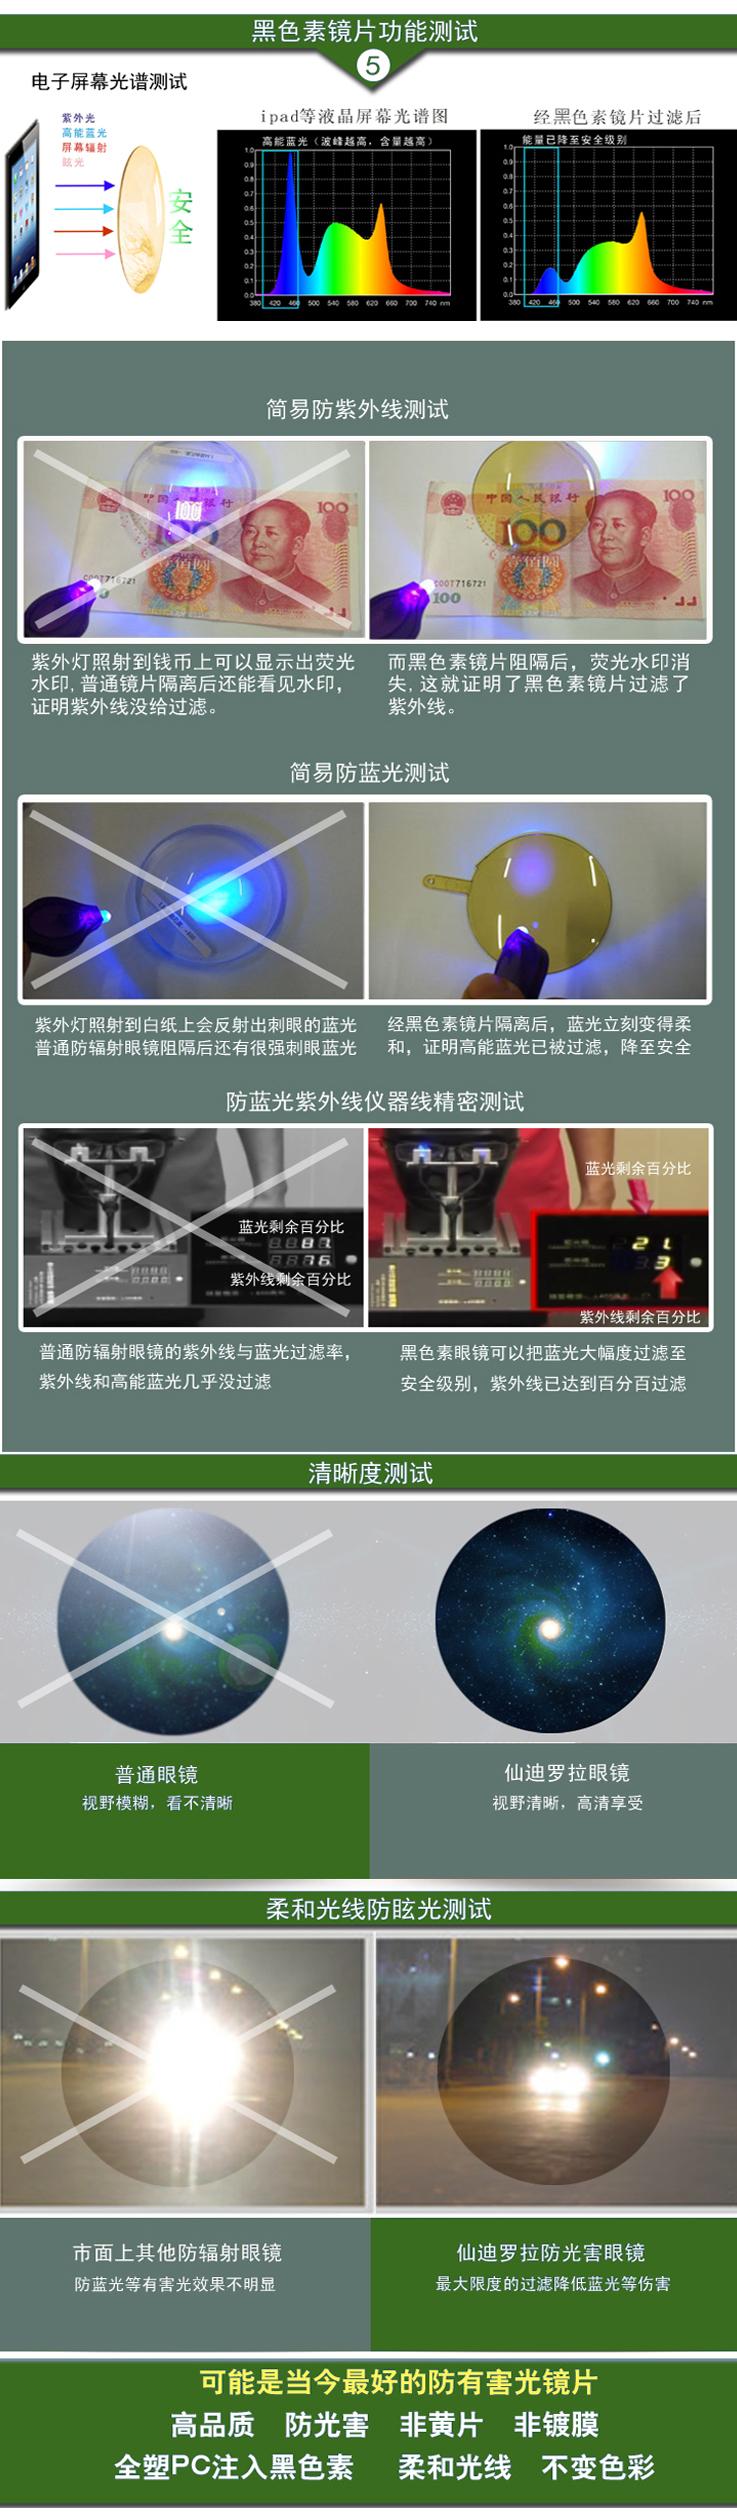 仙迪罗拉防光害辐射眼镜CD016_11